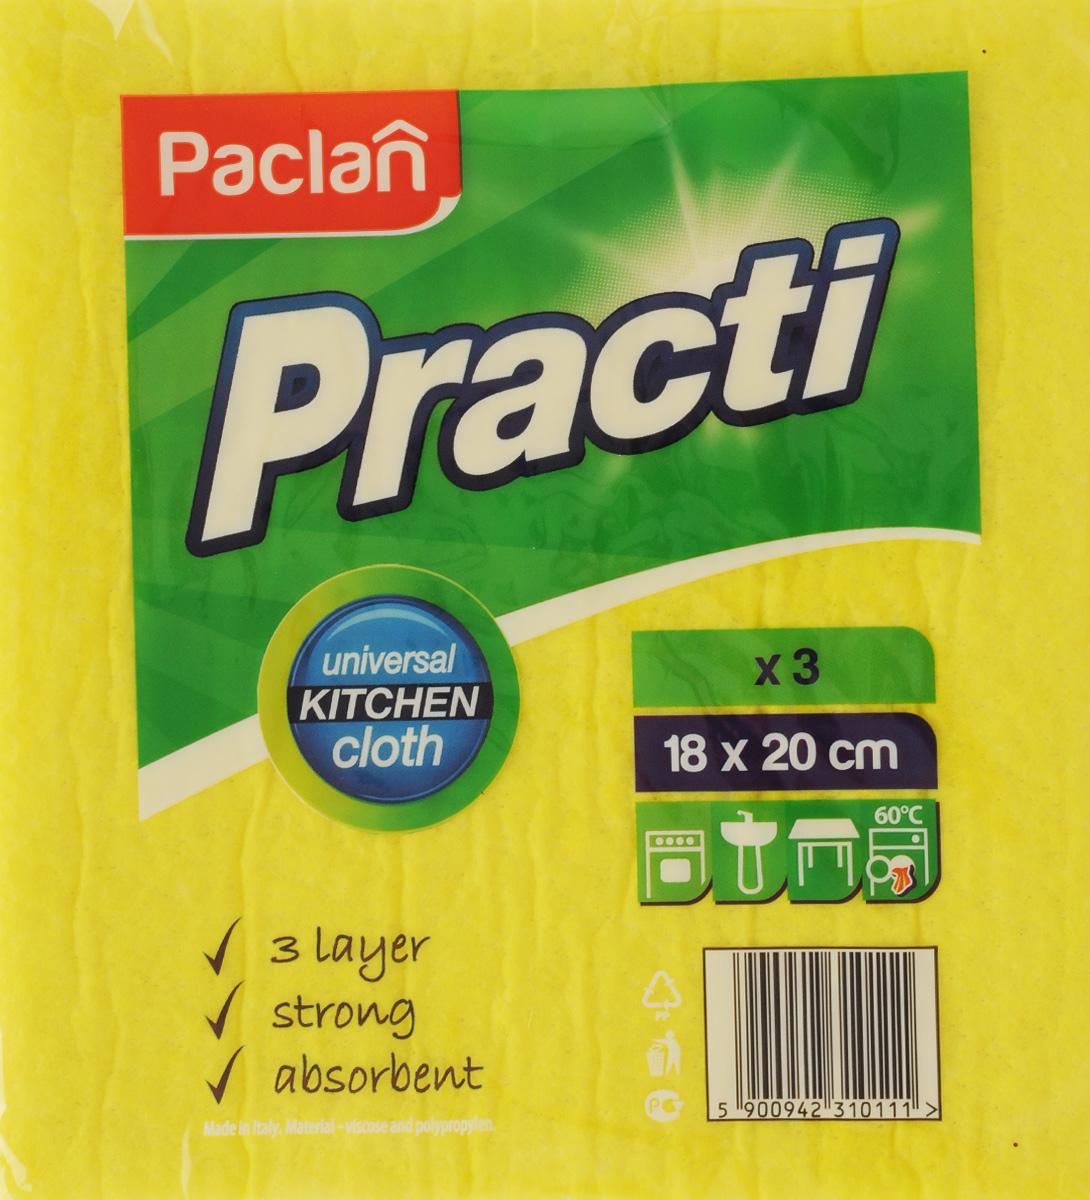 Набор салфеток для уборки Paclan Practi, 18 х 20 см, 3 шт406-021Хозяйственные салфетки Paclan Practi для влажной уборки станут незаменимыми помощниками на кухне и в ванной комнате. Благодаря трем слоям изделия хорошо впитывают влагу и легко выжимаются. Прочные и не твердеют после высыхания, а также не теряют форму.Размер салфетки: 18 х 20 см.